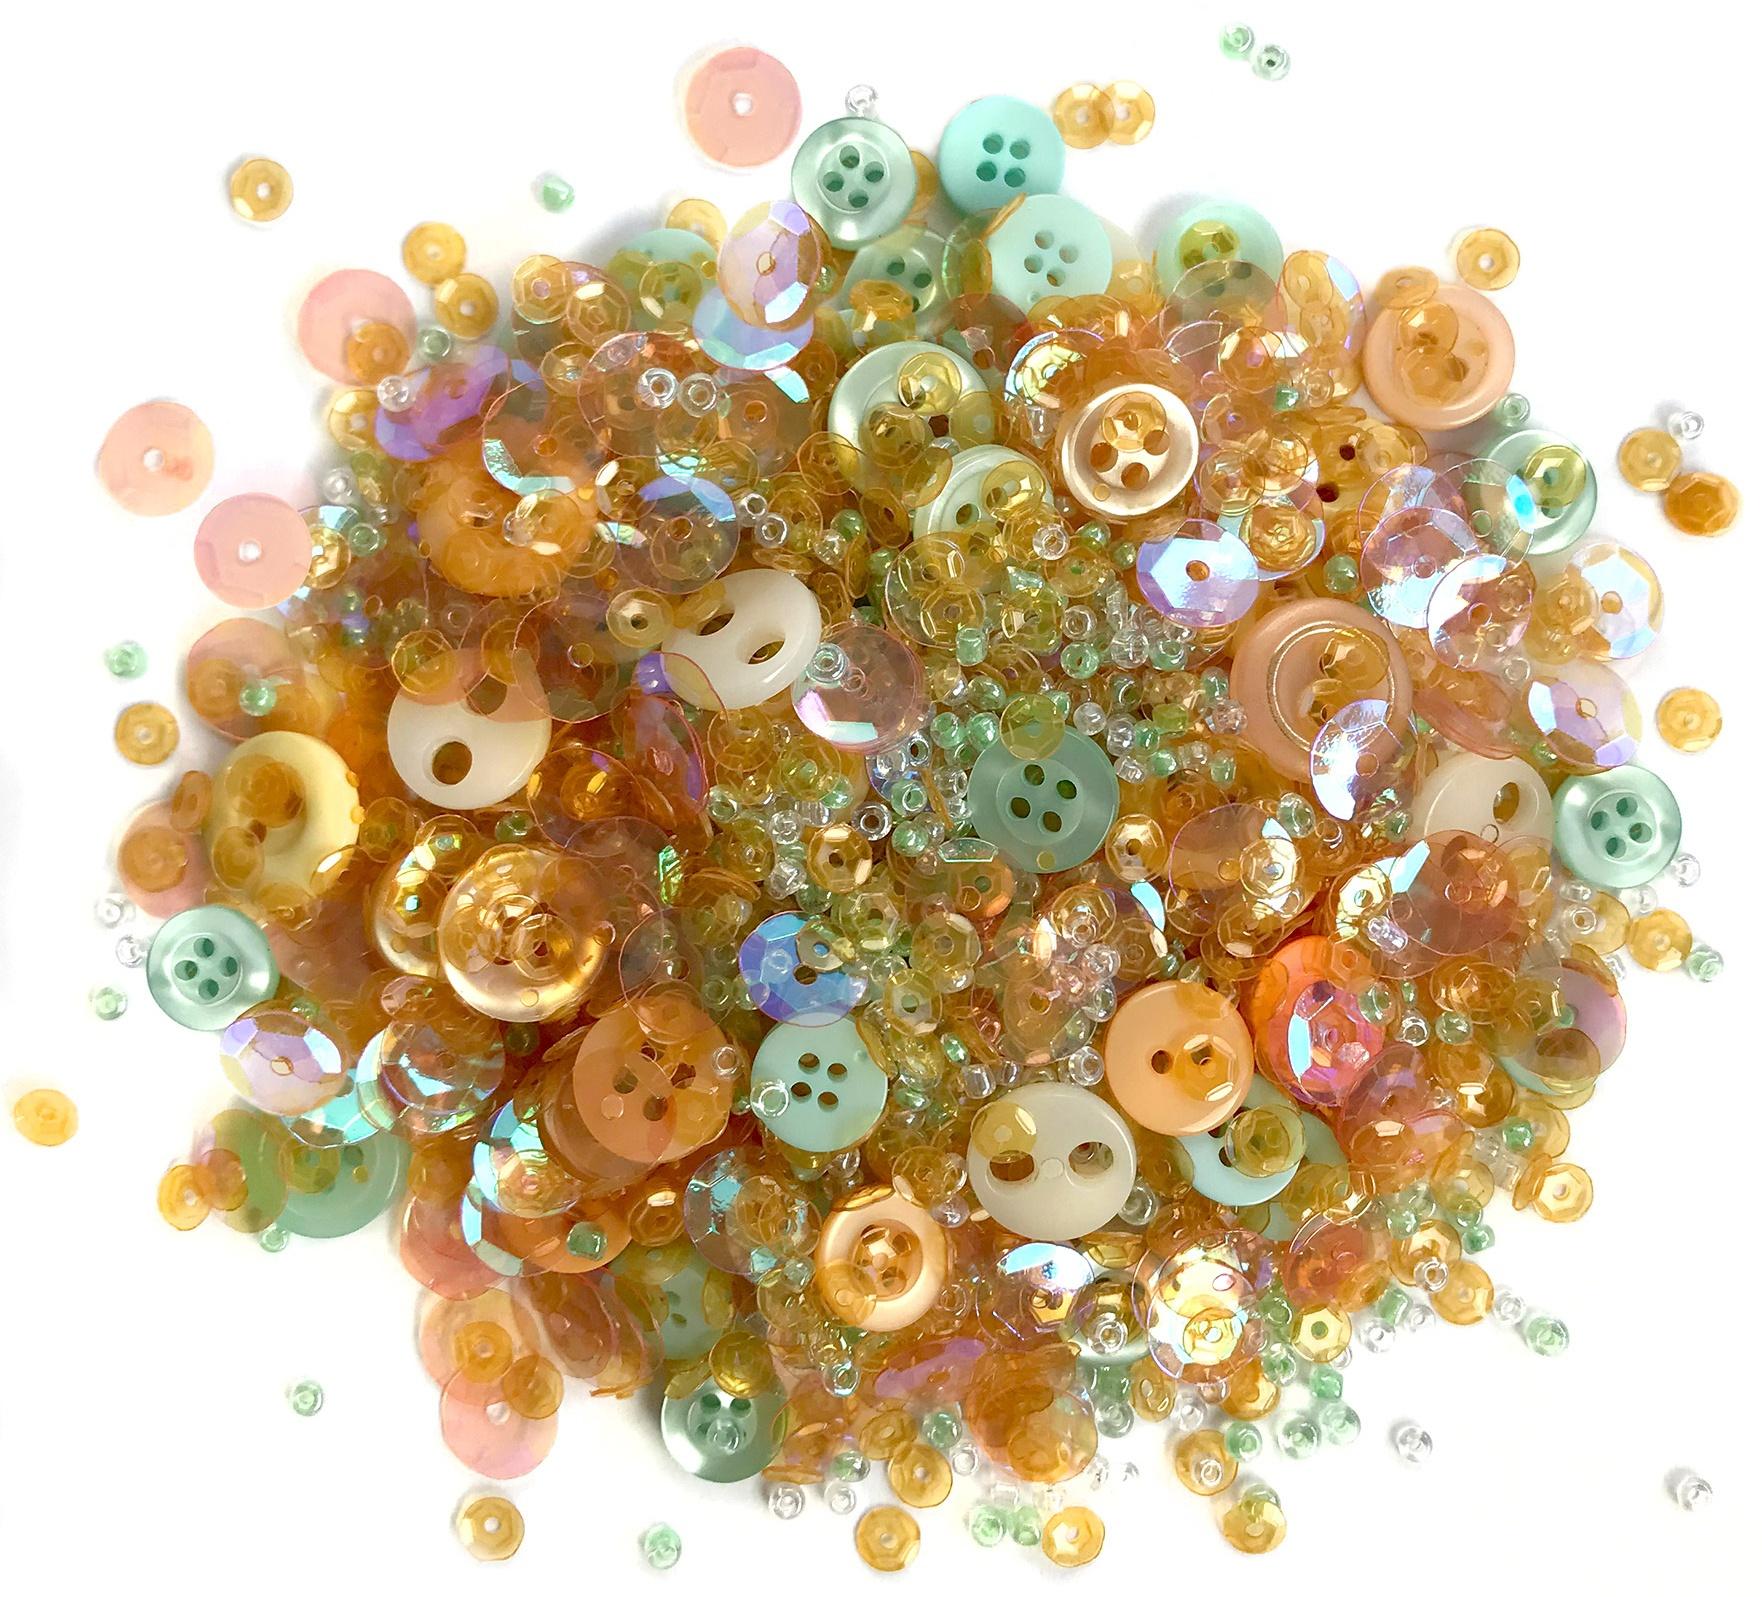 28 Lilac Lane Shaker Mix 65g-Spring Blooms